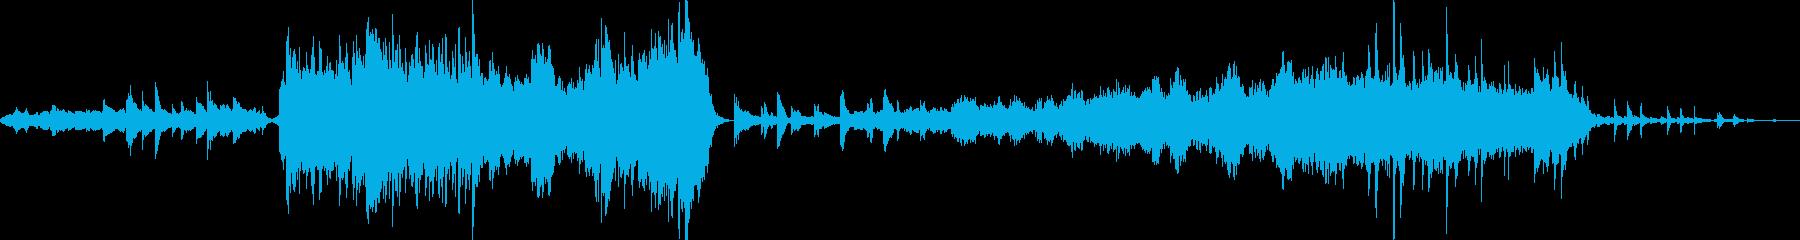 前半インパクトがあり後半切ない和装入場曲の再生済みの波形